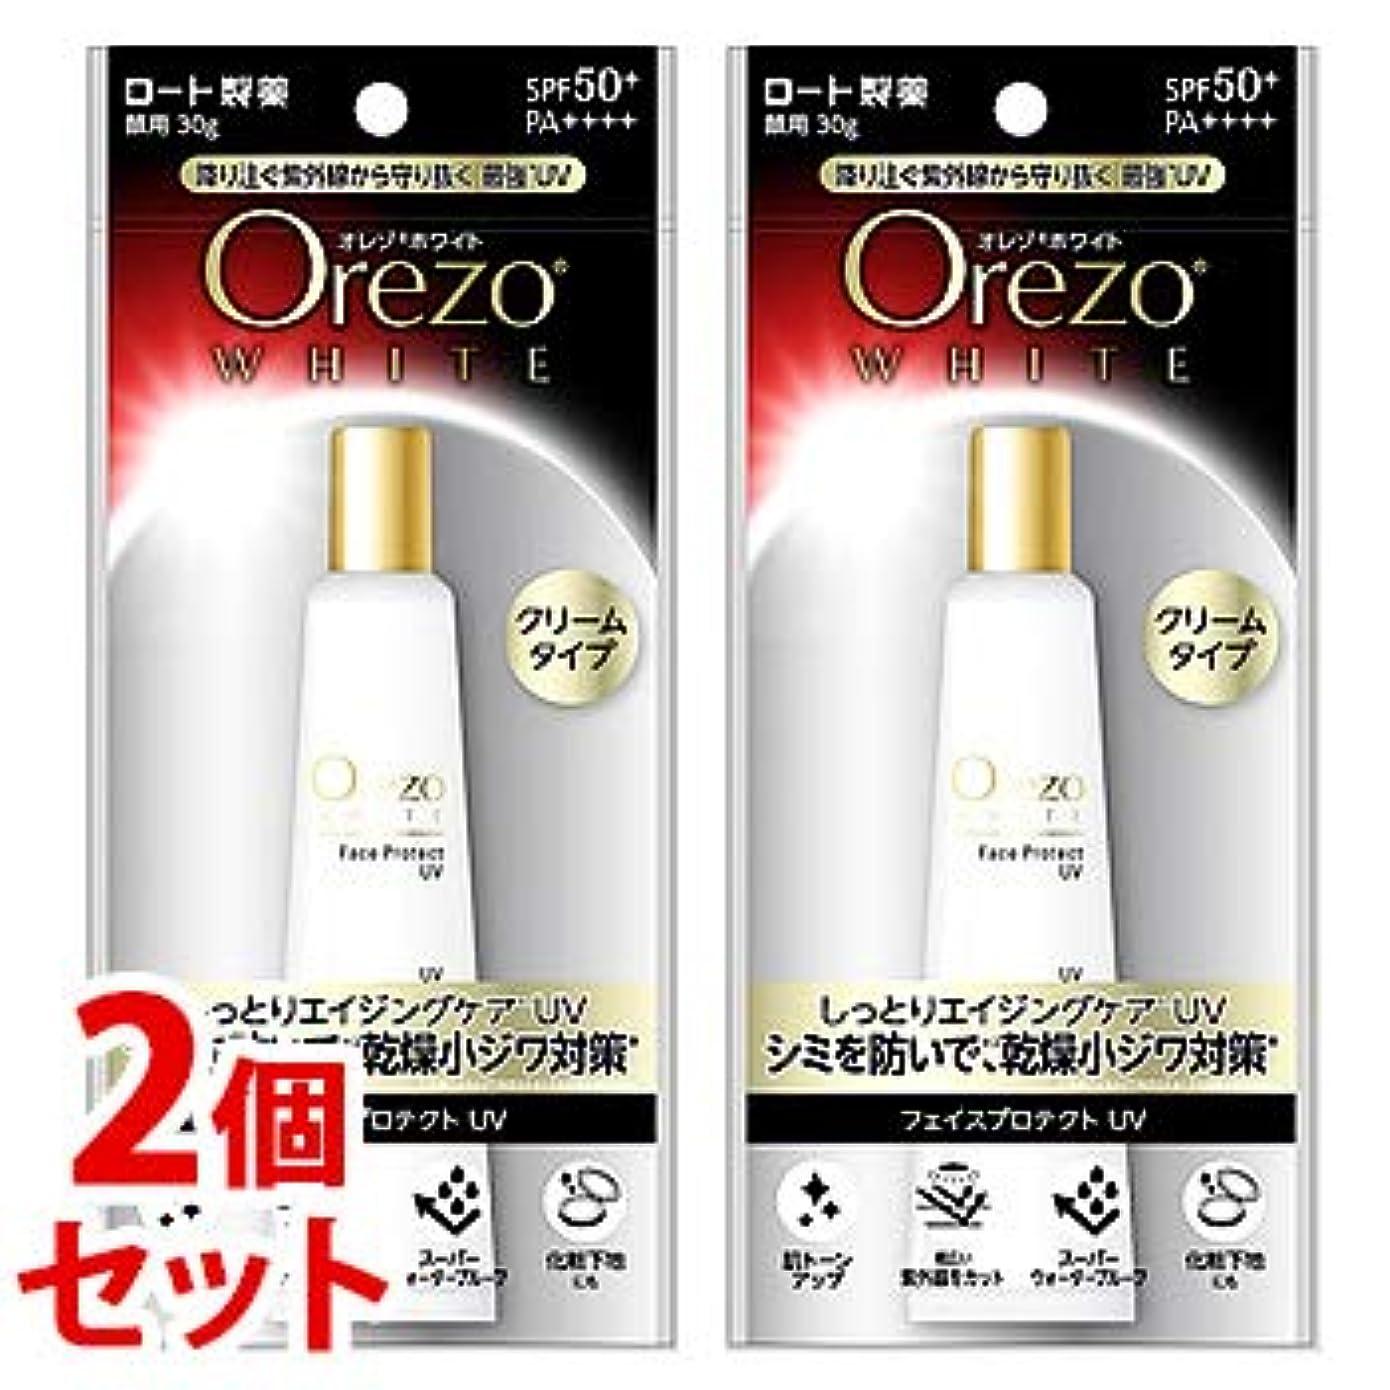 十分メンテナンス遅らせる《セット販売》 ロート製薬 Orezo オレゾ ホワイト フェイスプロテクトUV SPF50+ PA++++ (30g)×2個セット 顔用 日やけ止め 化粧下地 クリームタイプ